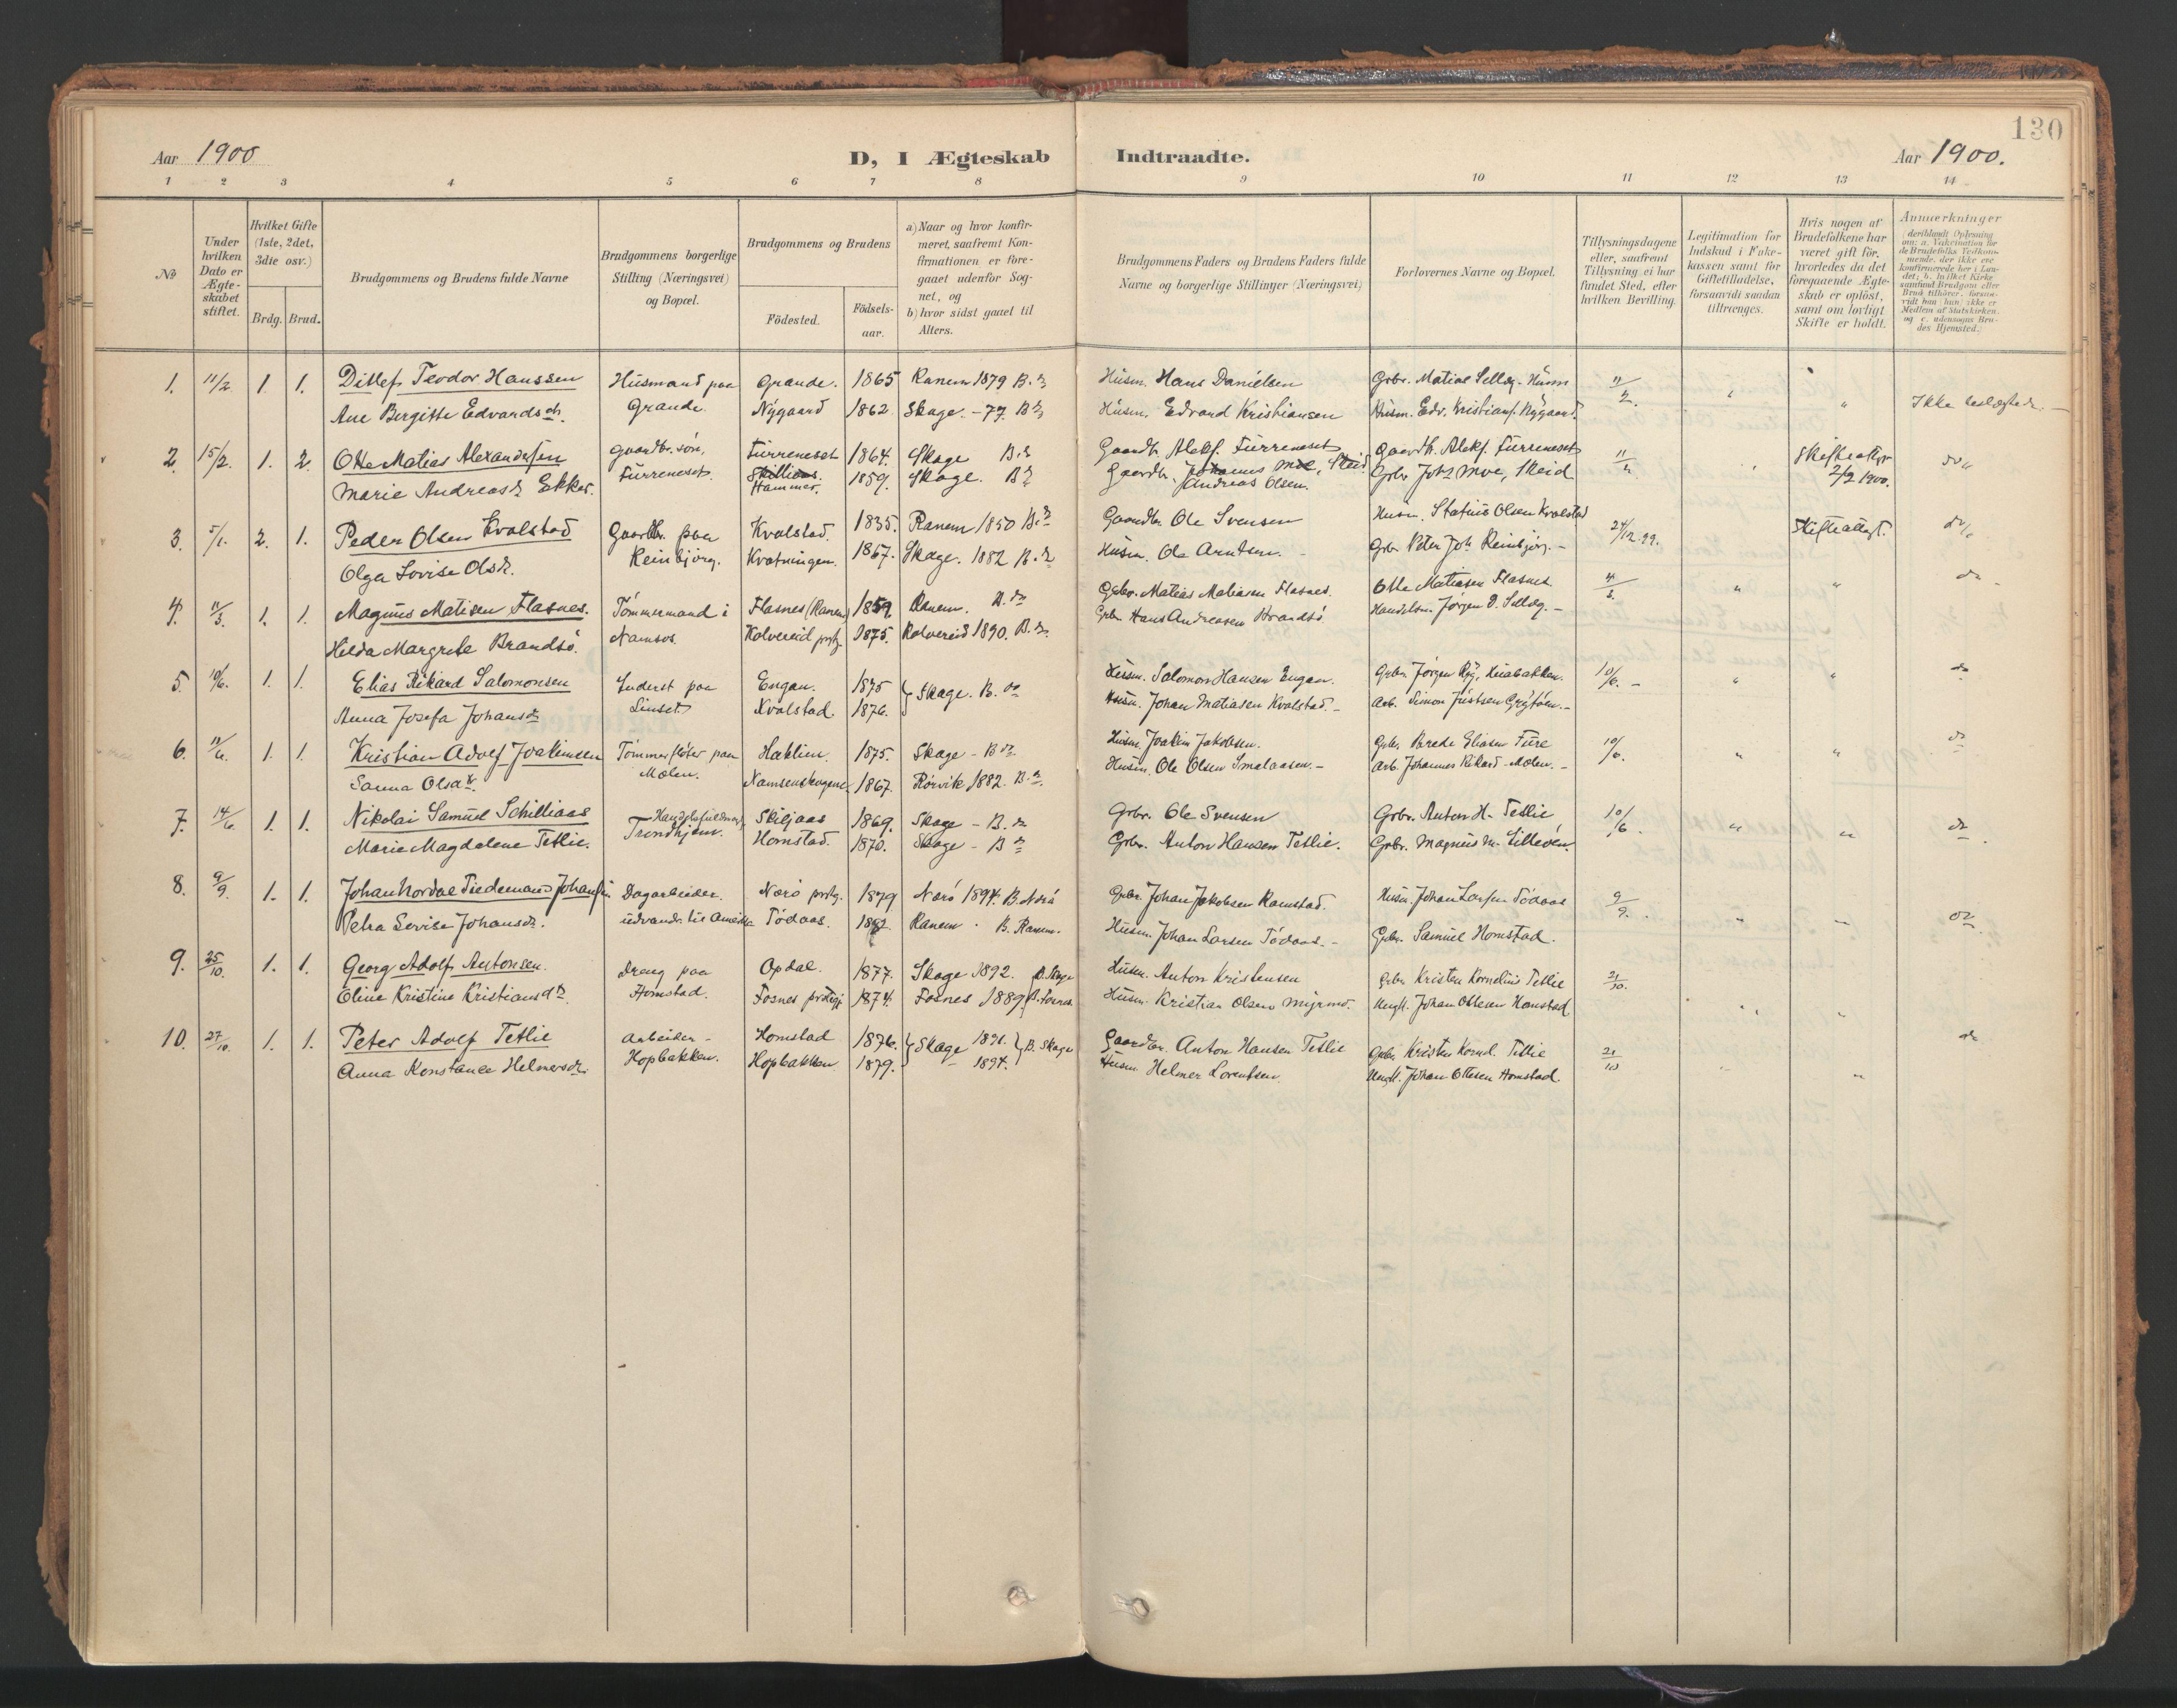 SAT, Ministerialprotokoller, klokkerbøker og fødselsregistre - Nord-Trøndelag, 766/L0564: Ministerialbok nr. 767A02, 1900-1932, s. 130